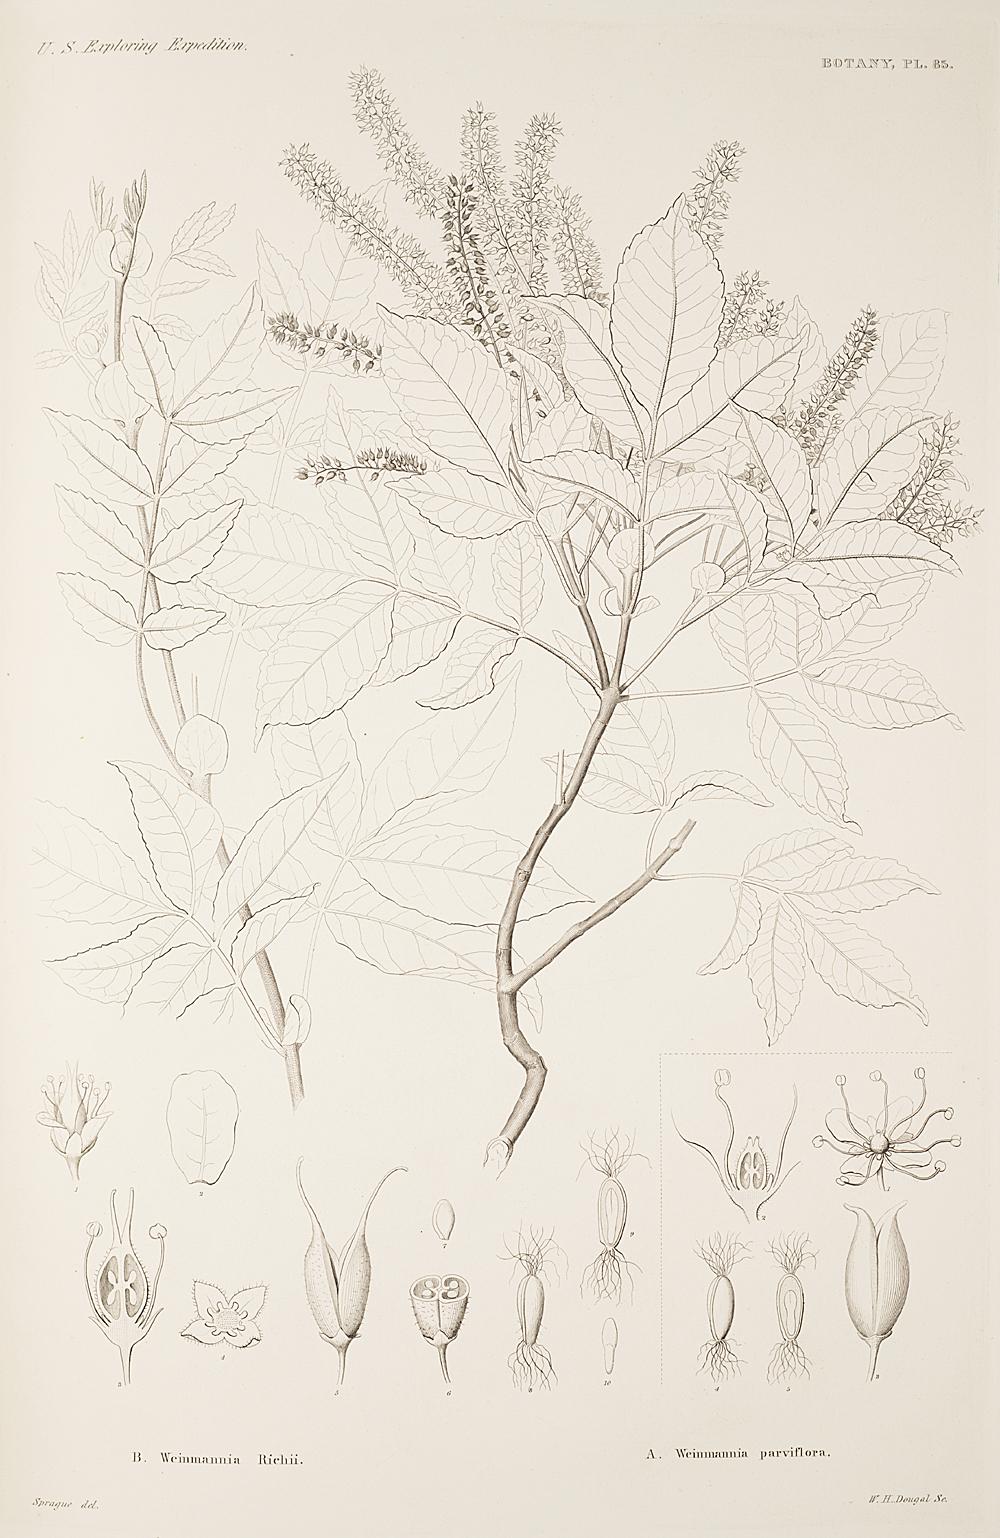 Botany, Pl. 85,  Image number:sil19-23-181b